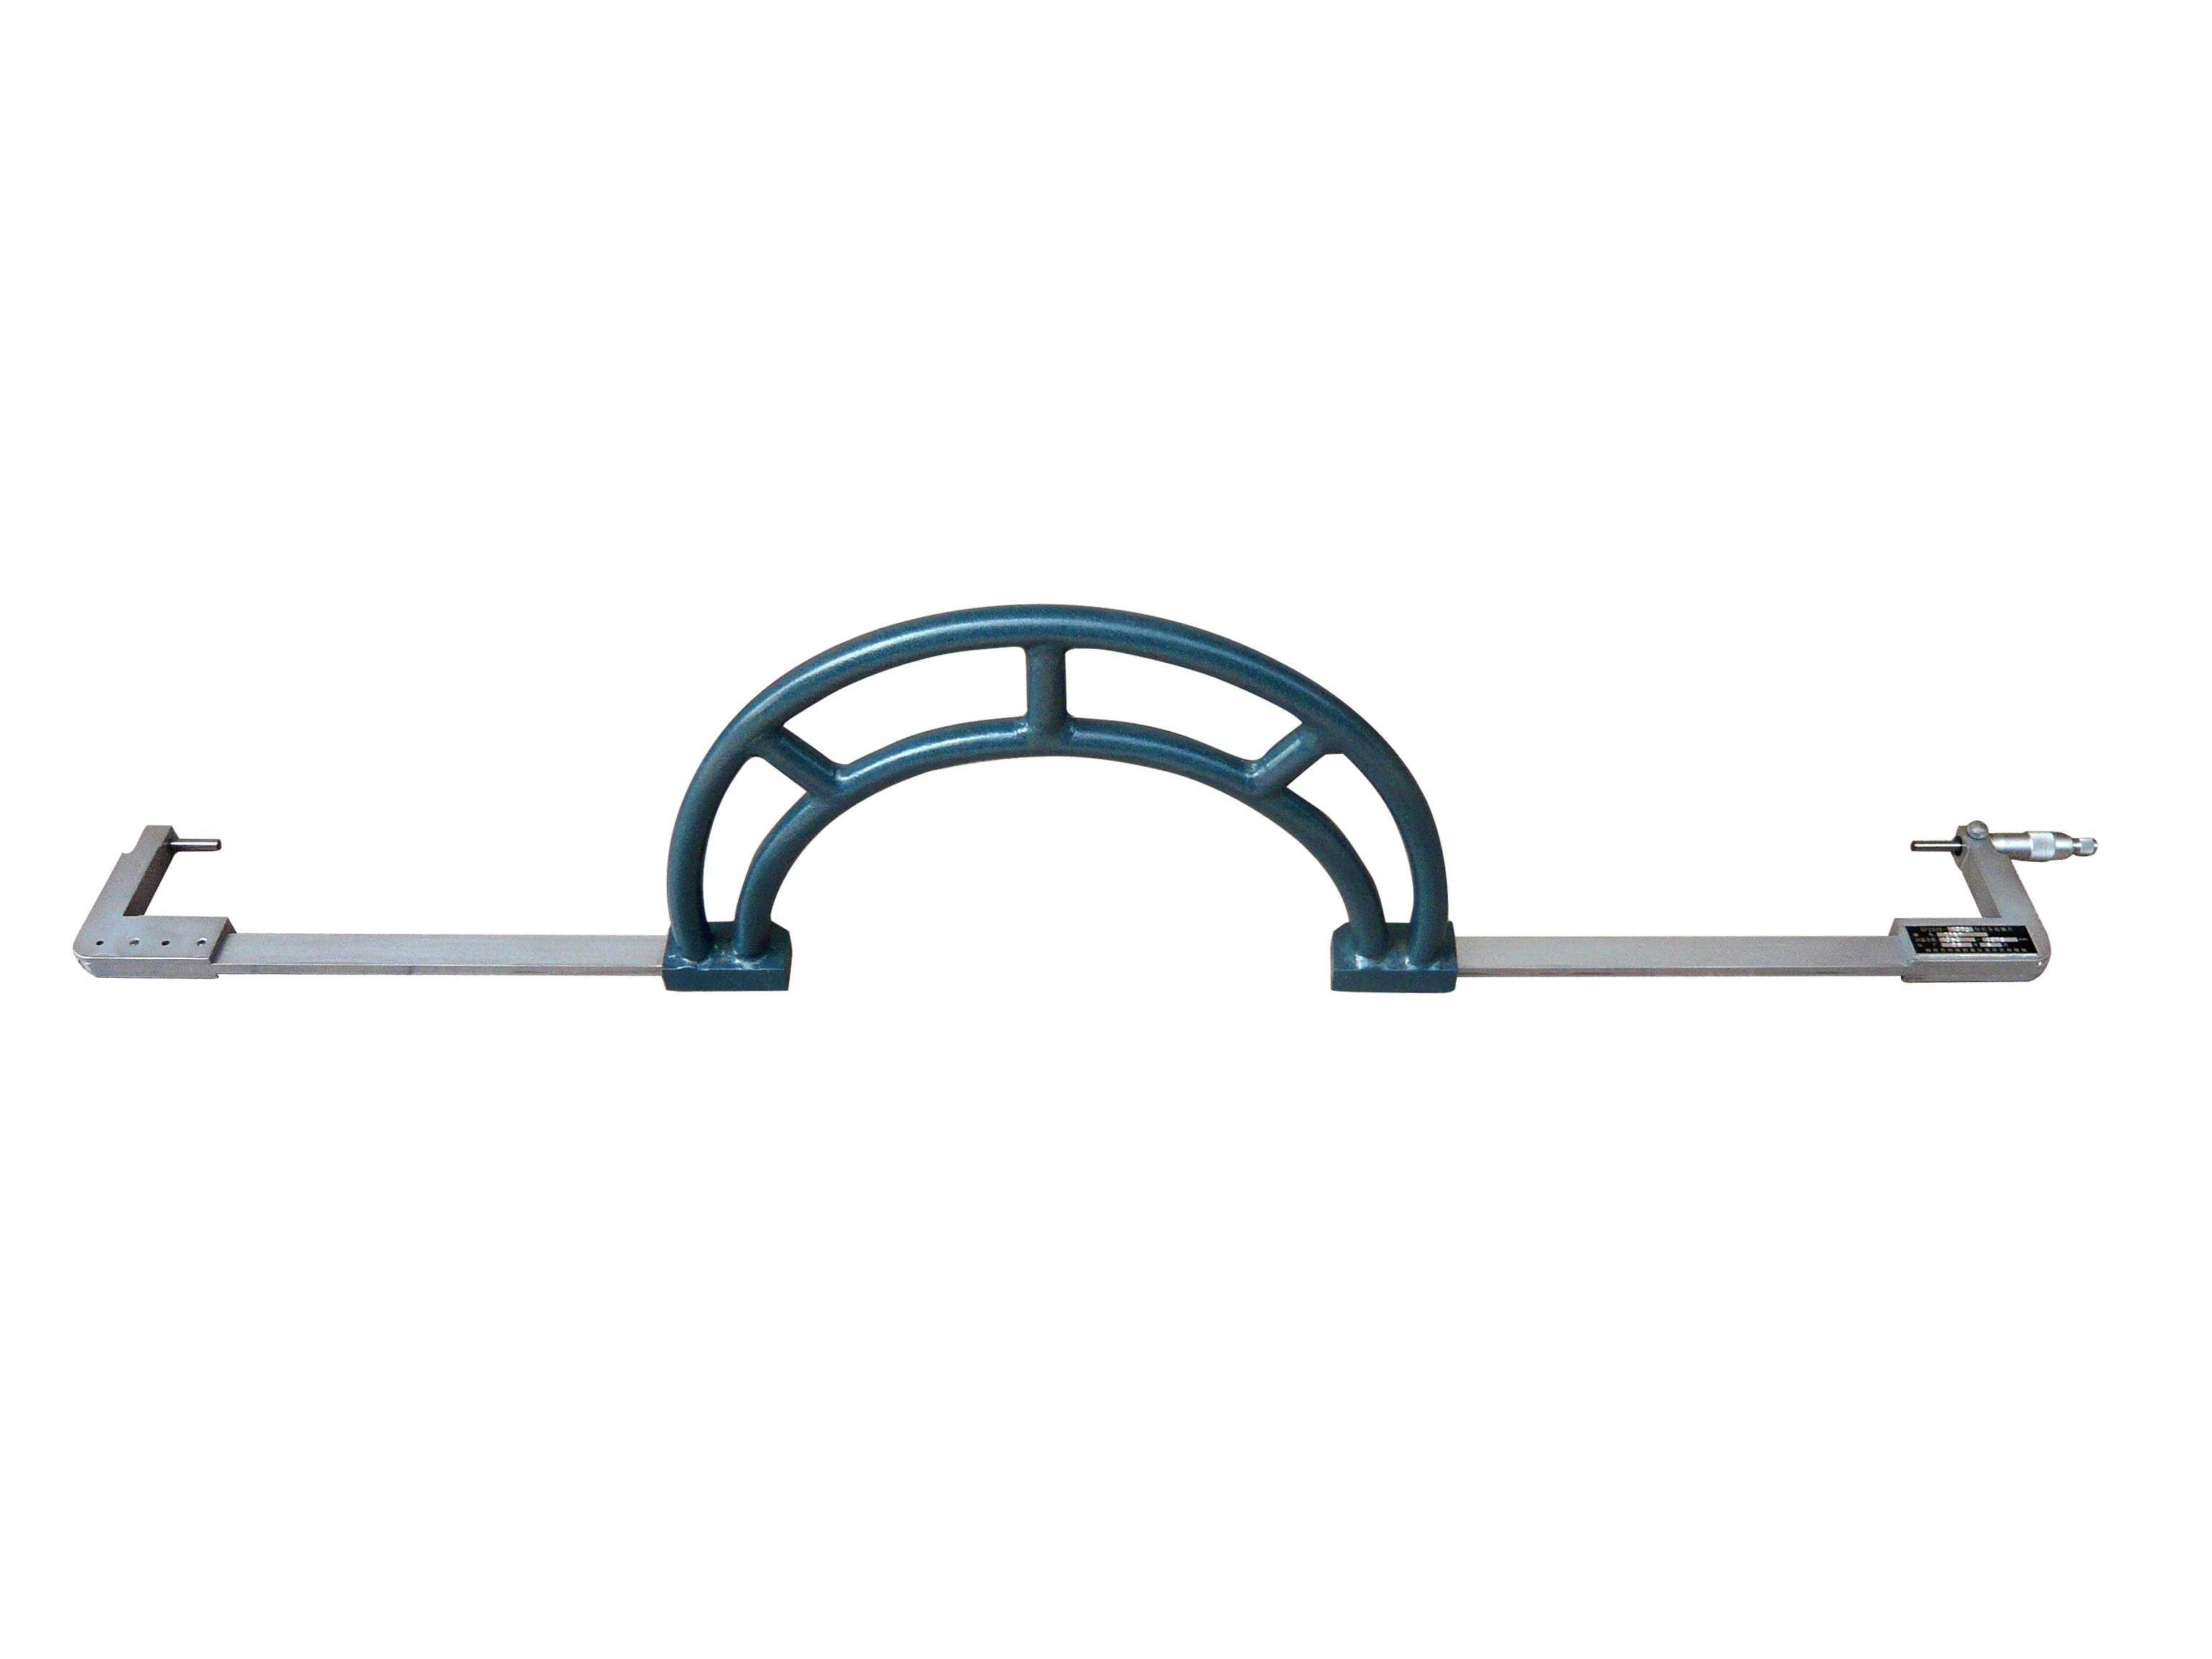 机车轮辋尺(钢管立式)